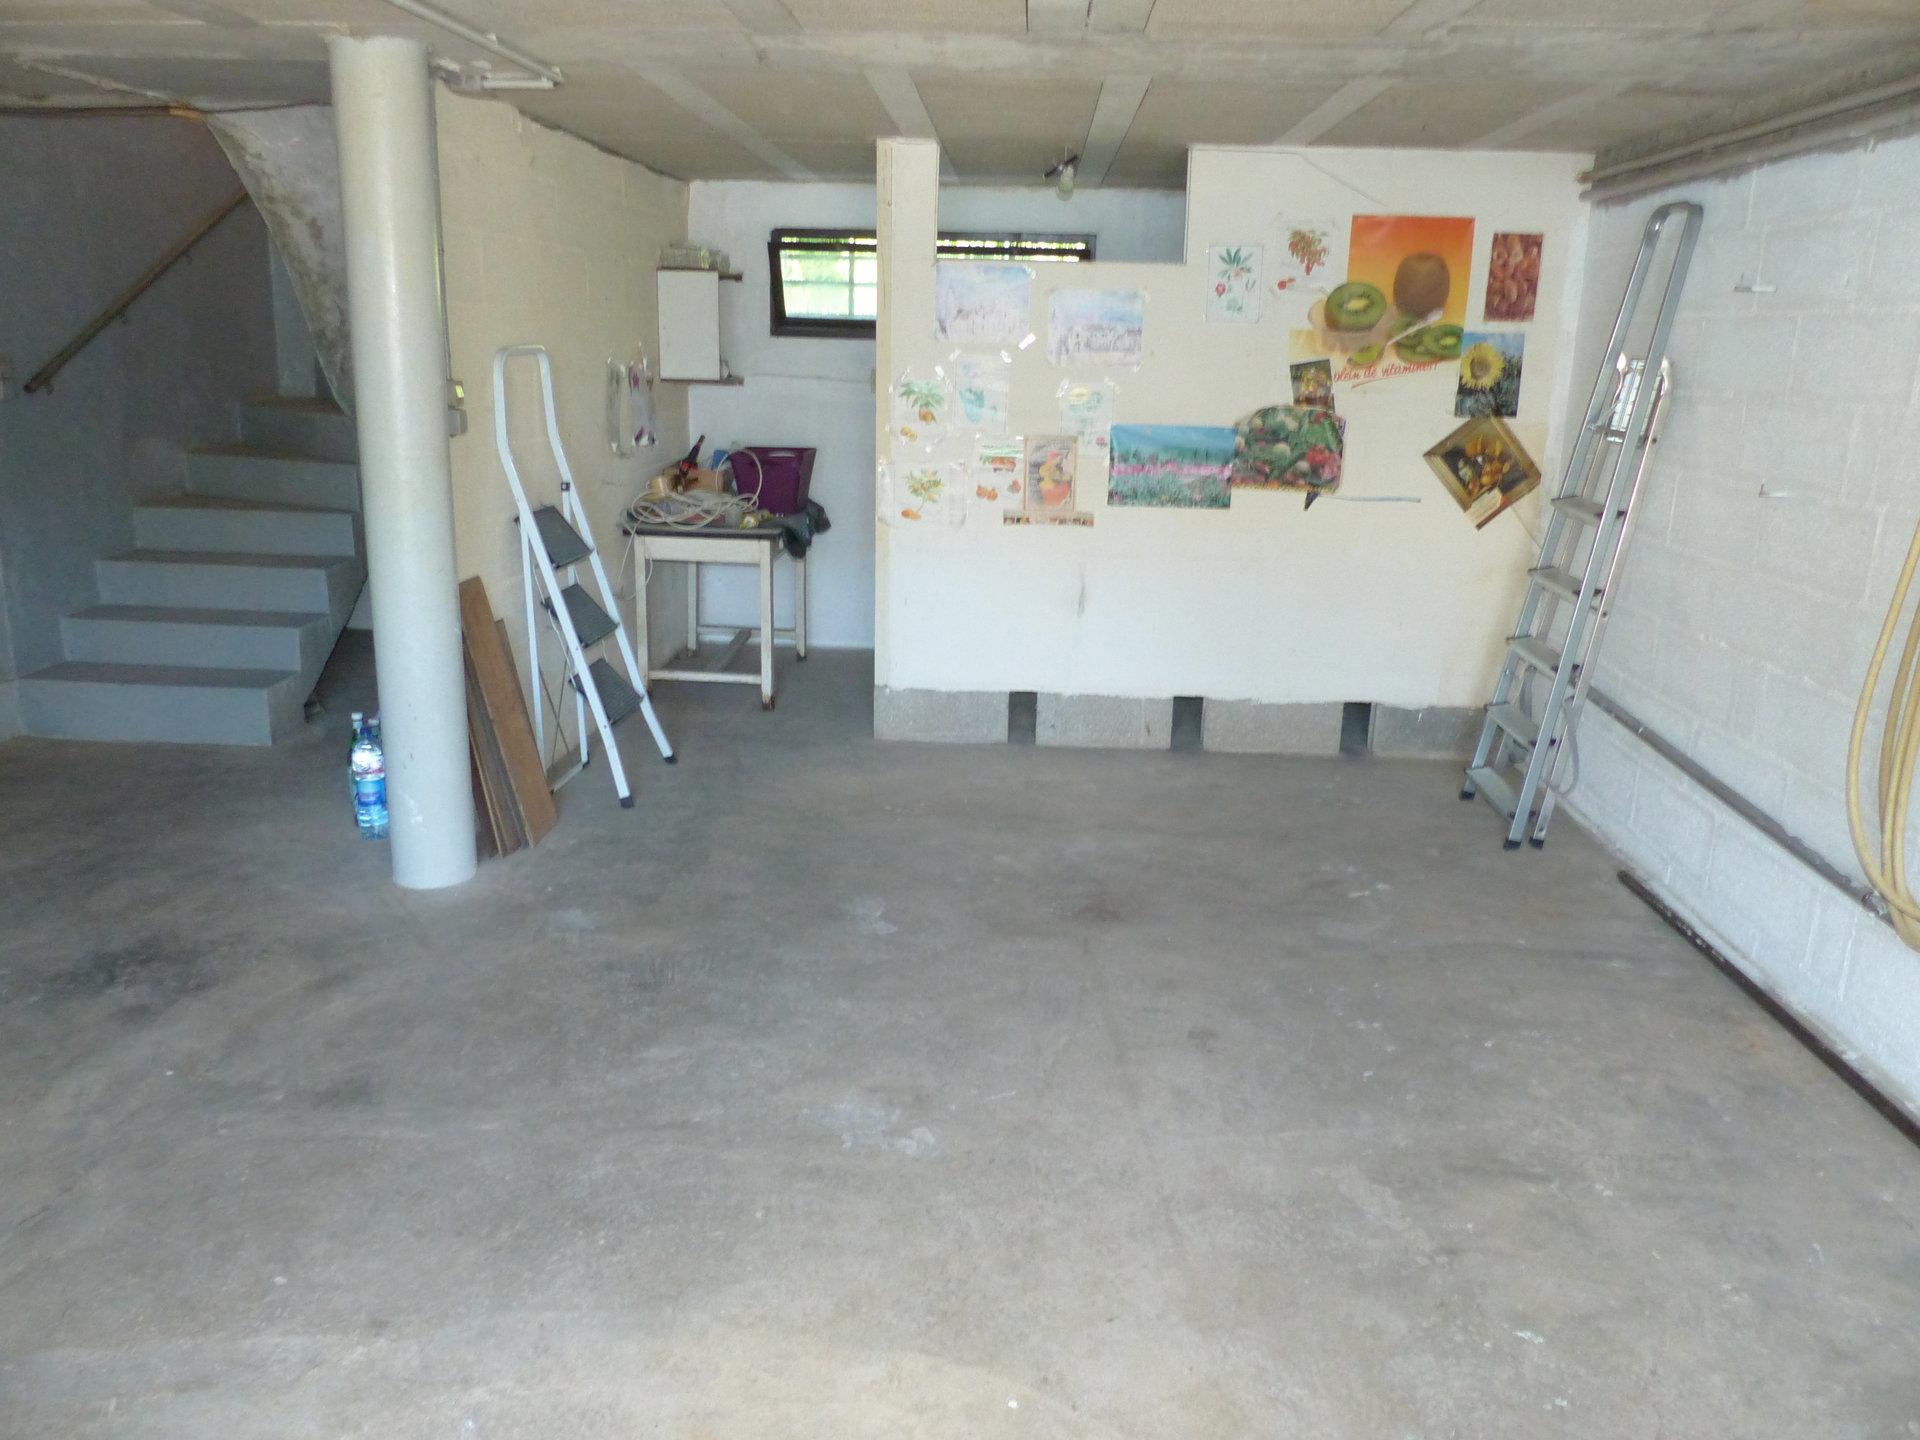 Crèche, écoles et commerces sur place, sous sol total 3 chambres